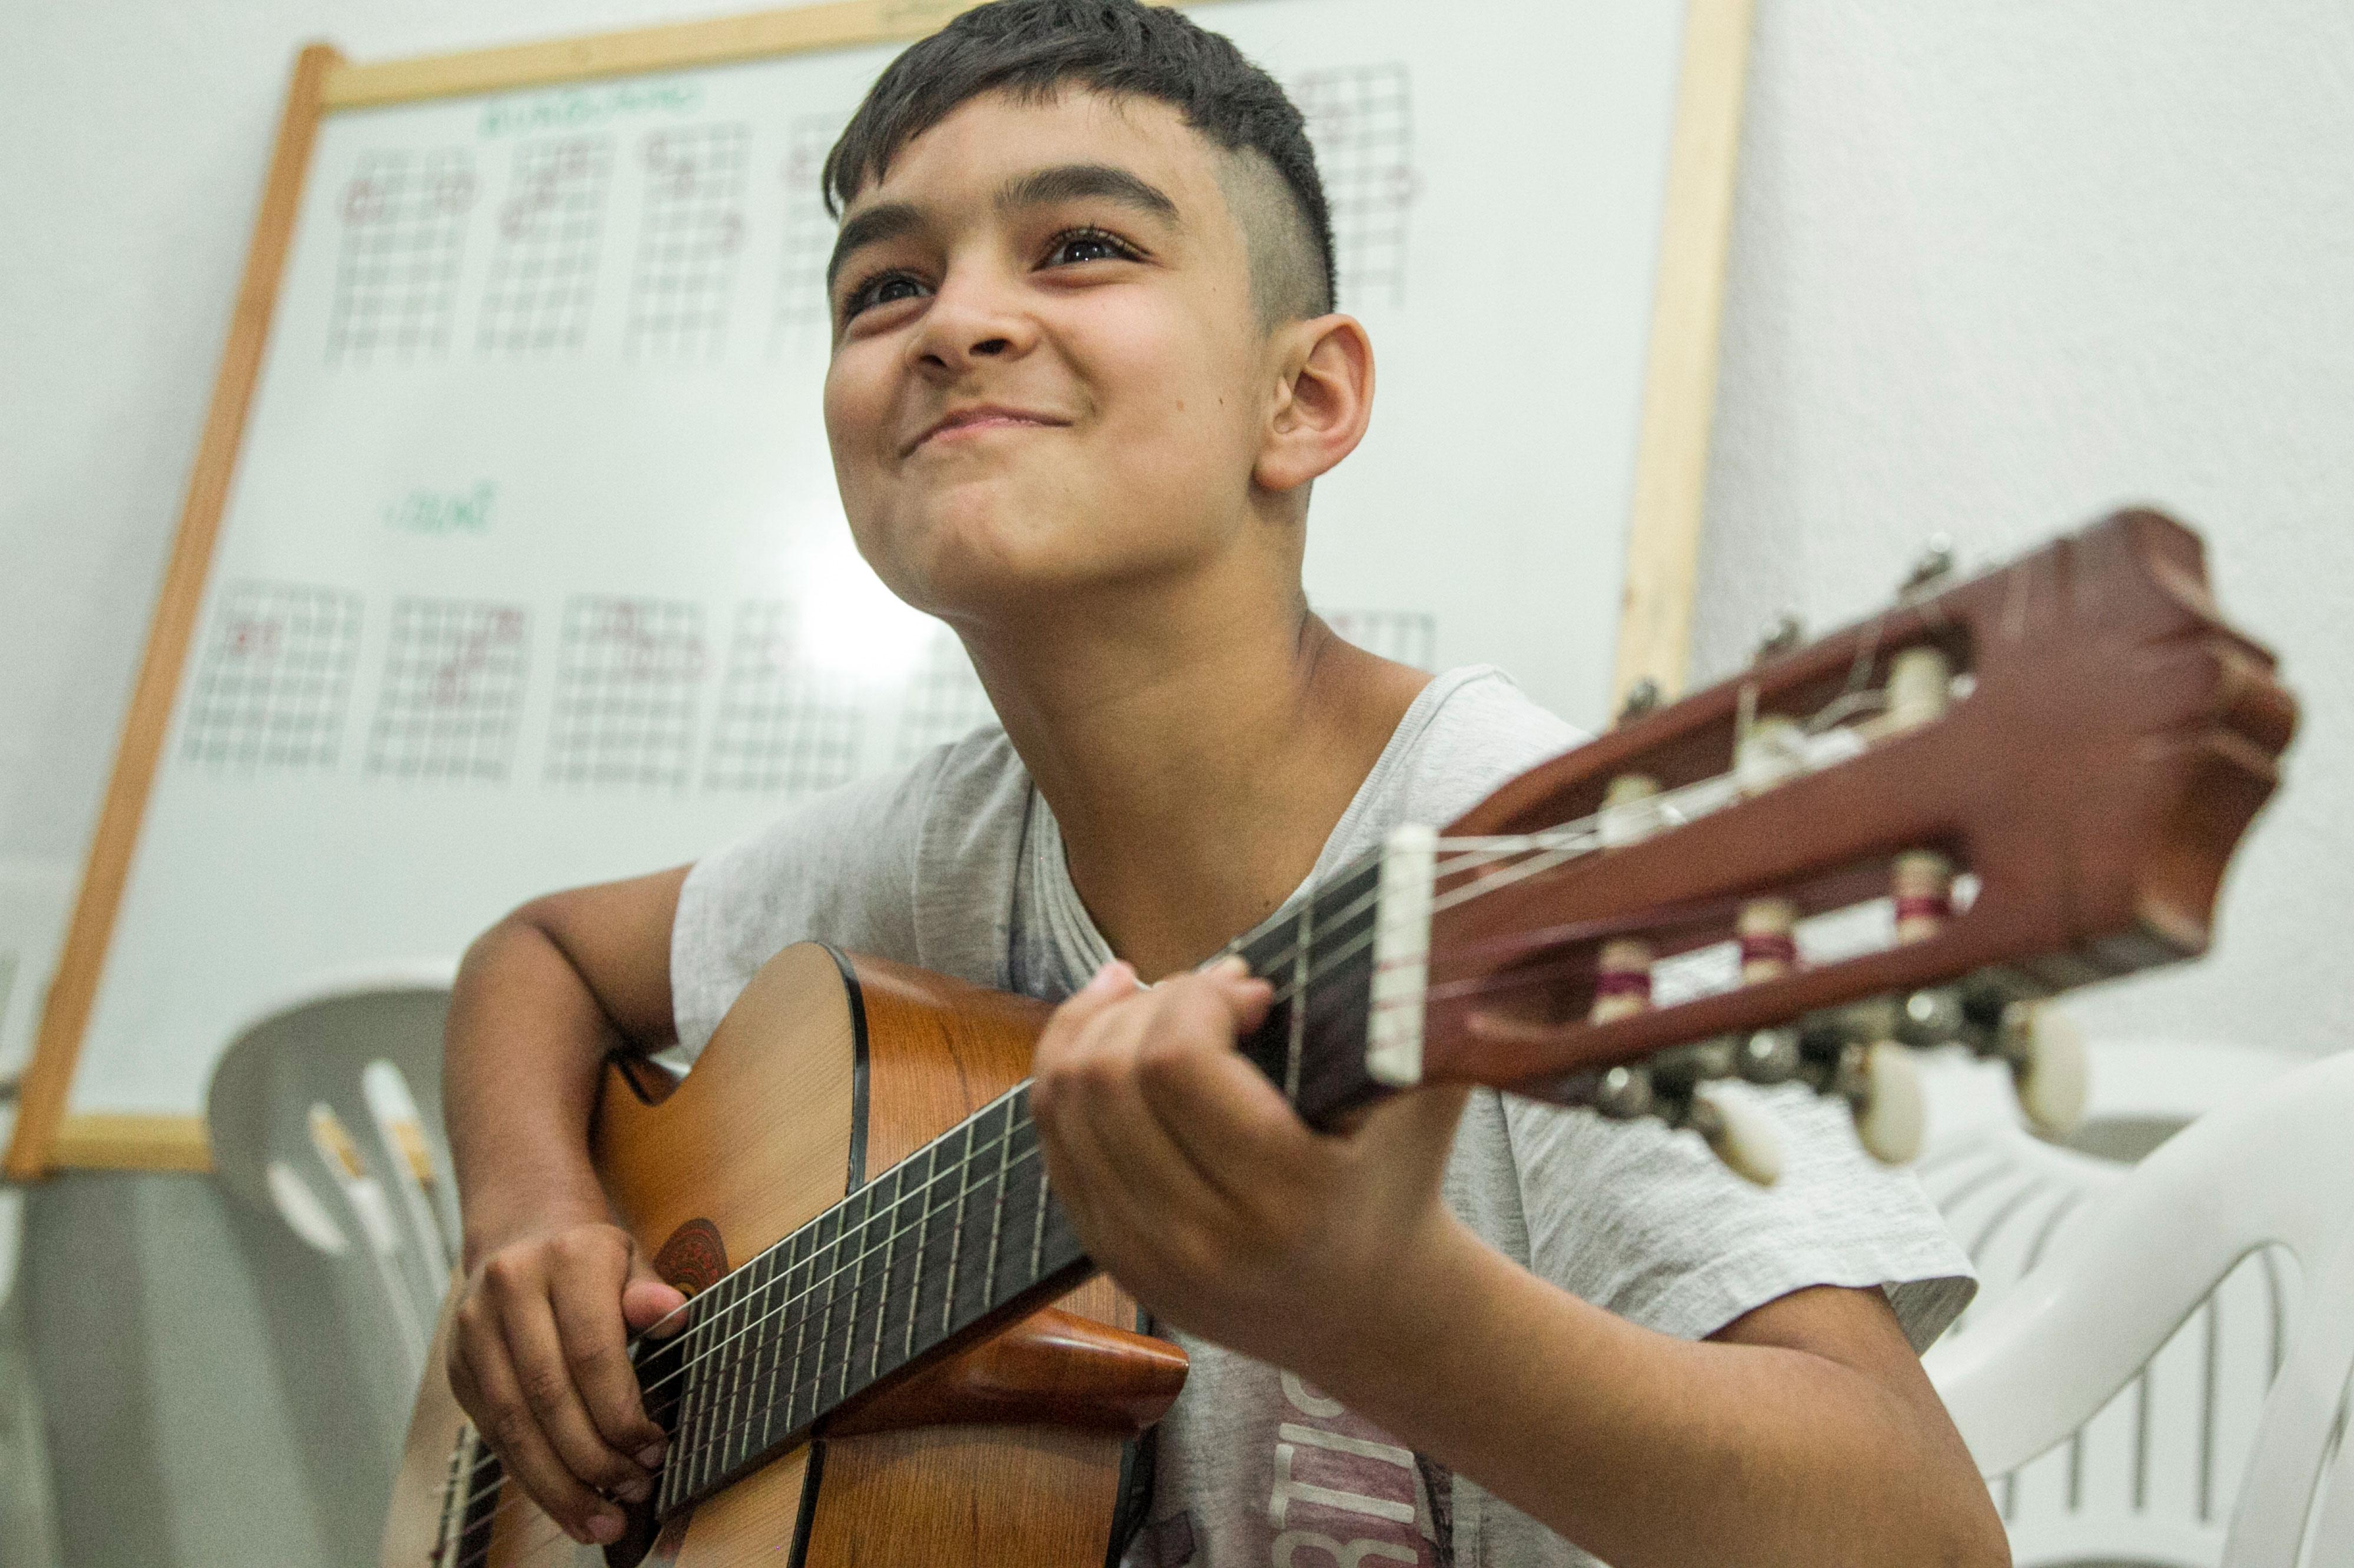 Pedro Henrique dos Santos da Cunha aprendeu a tocar os cinco acordes do violão na oficina - Marco Santiago/ND